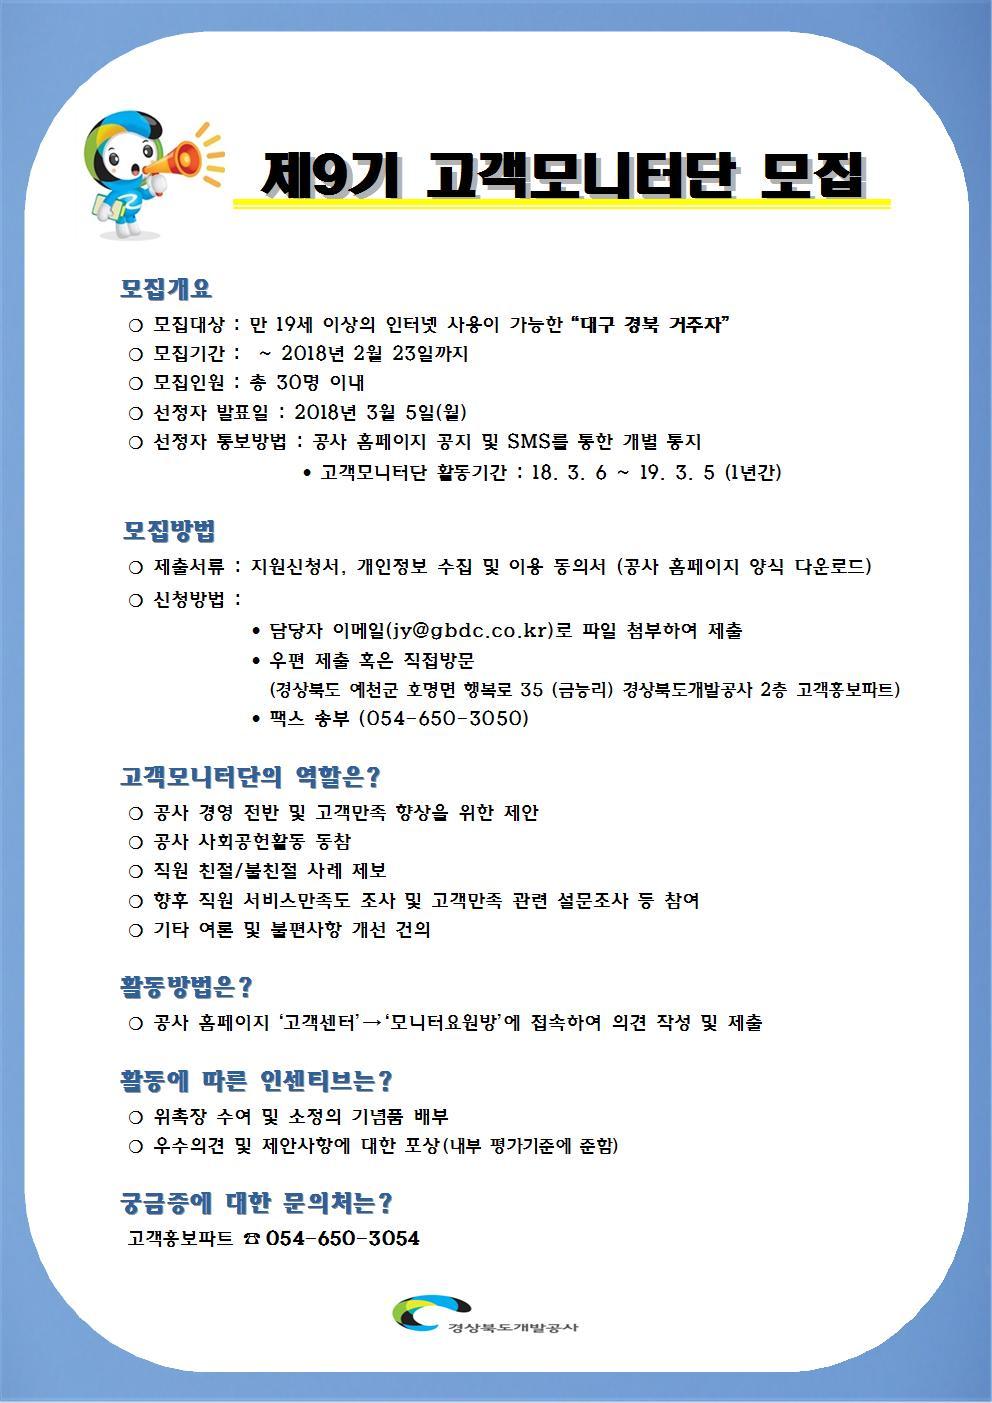 경상북도개발공사 제9기 고객모니터단 모집